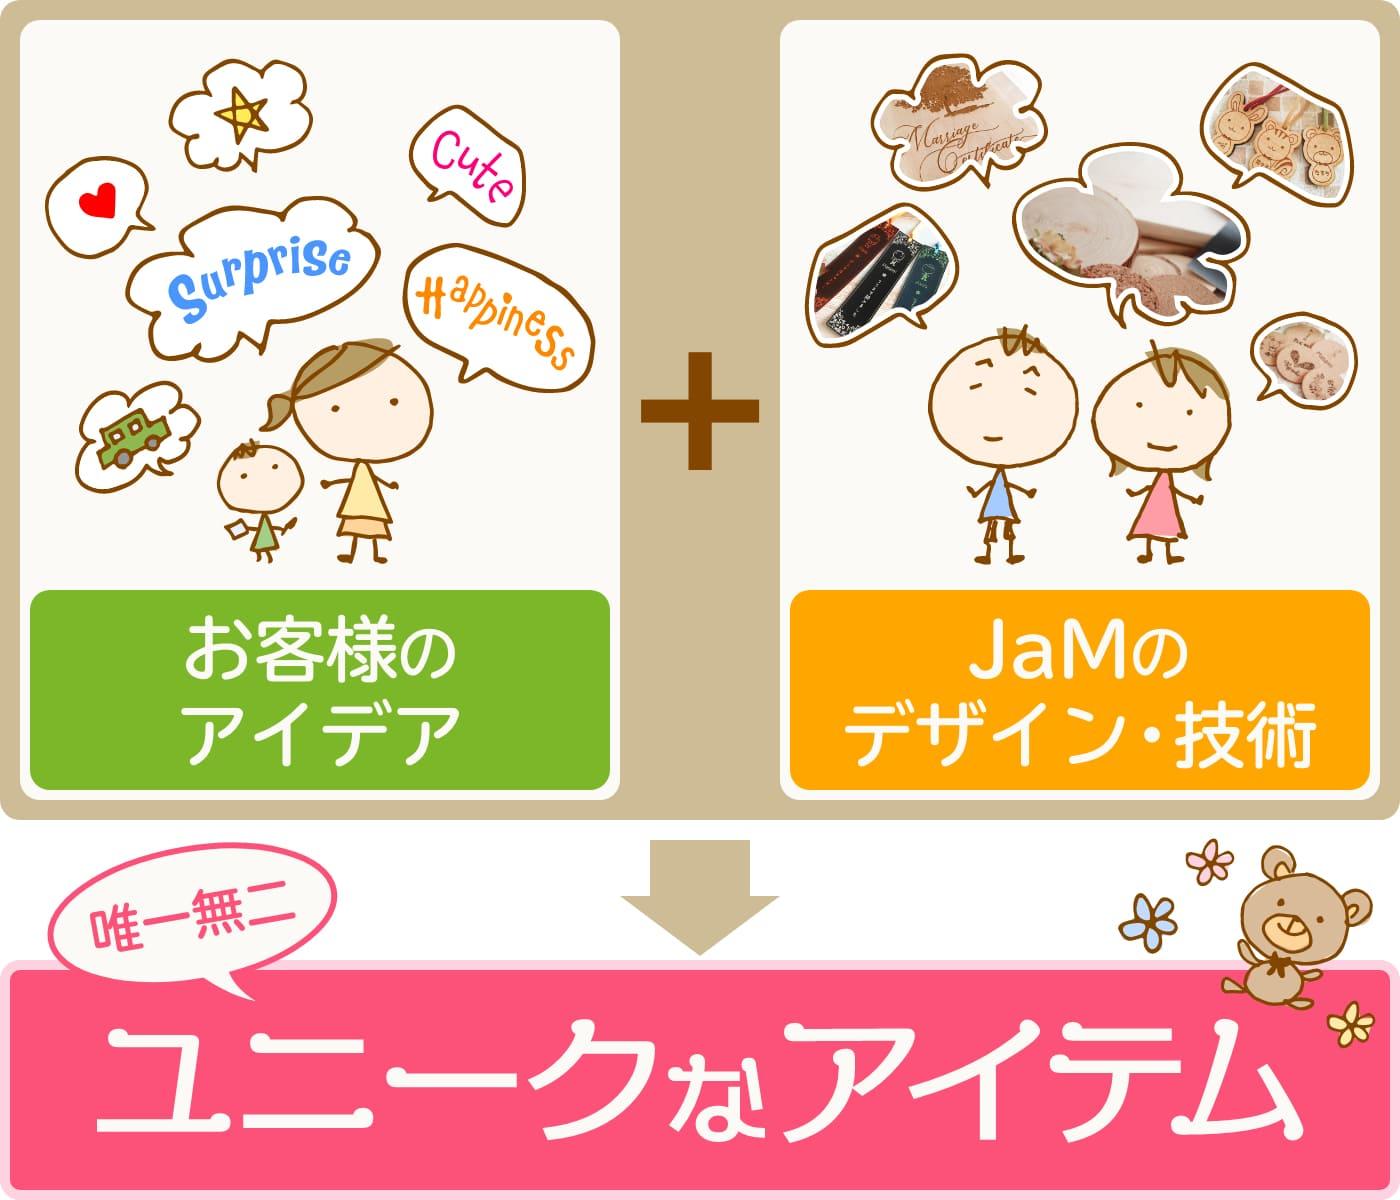 お客様のアイデア+JaMのデザイン技術